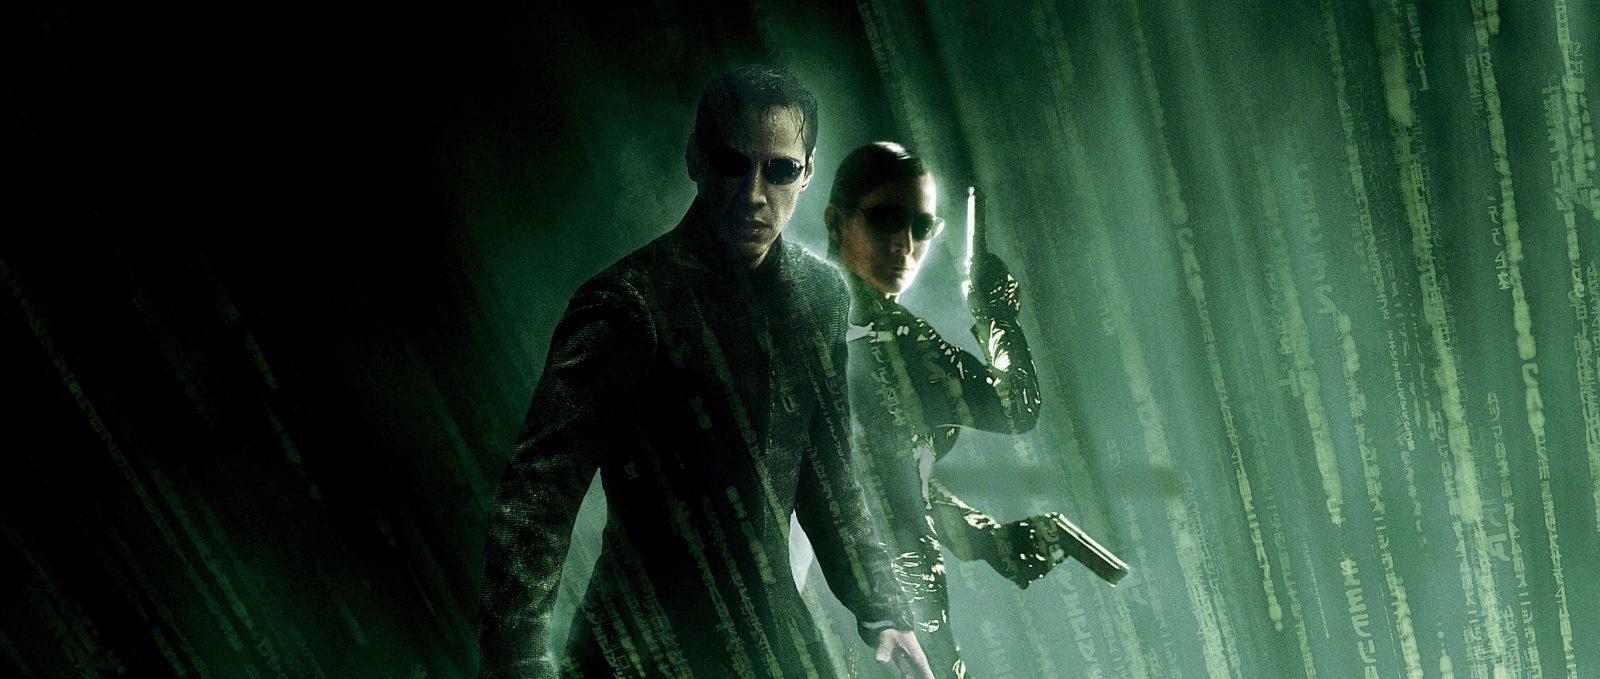 Почему сиквелы «Матрицы» были неудачными: мнение кинооператора трилогии